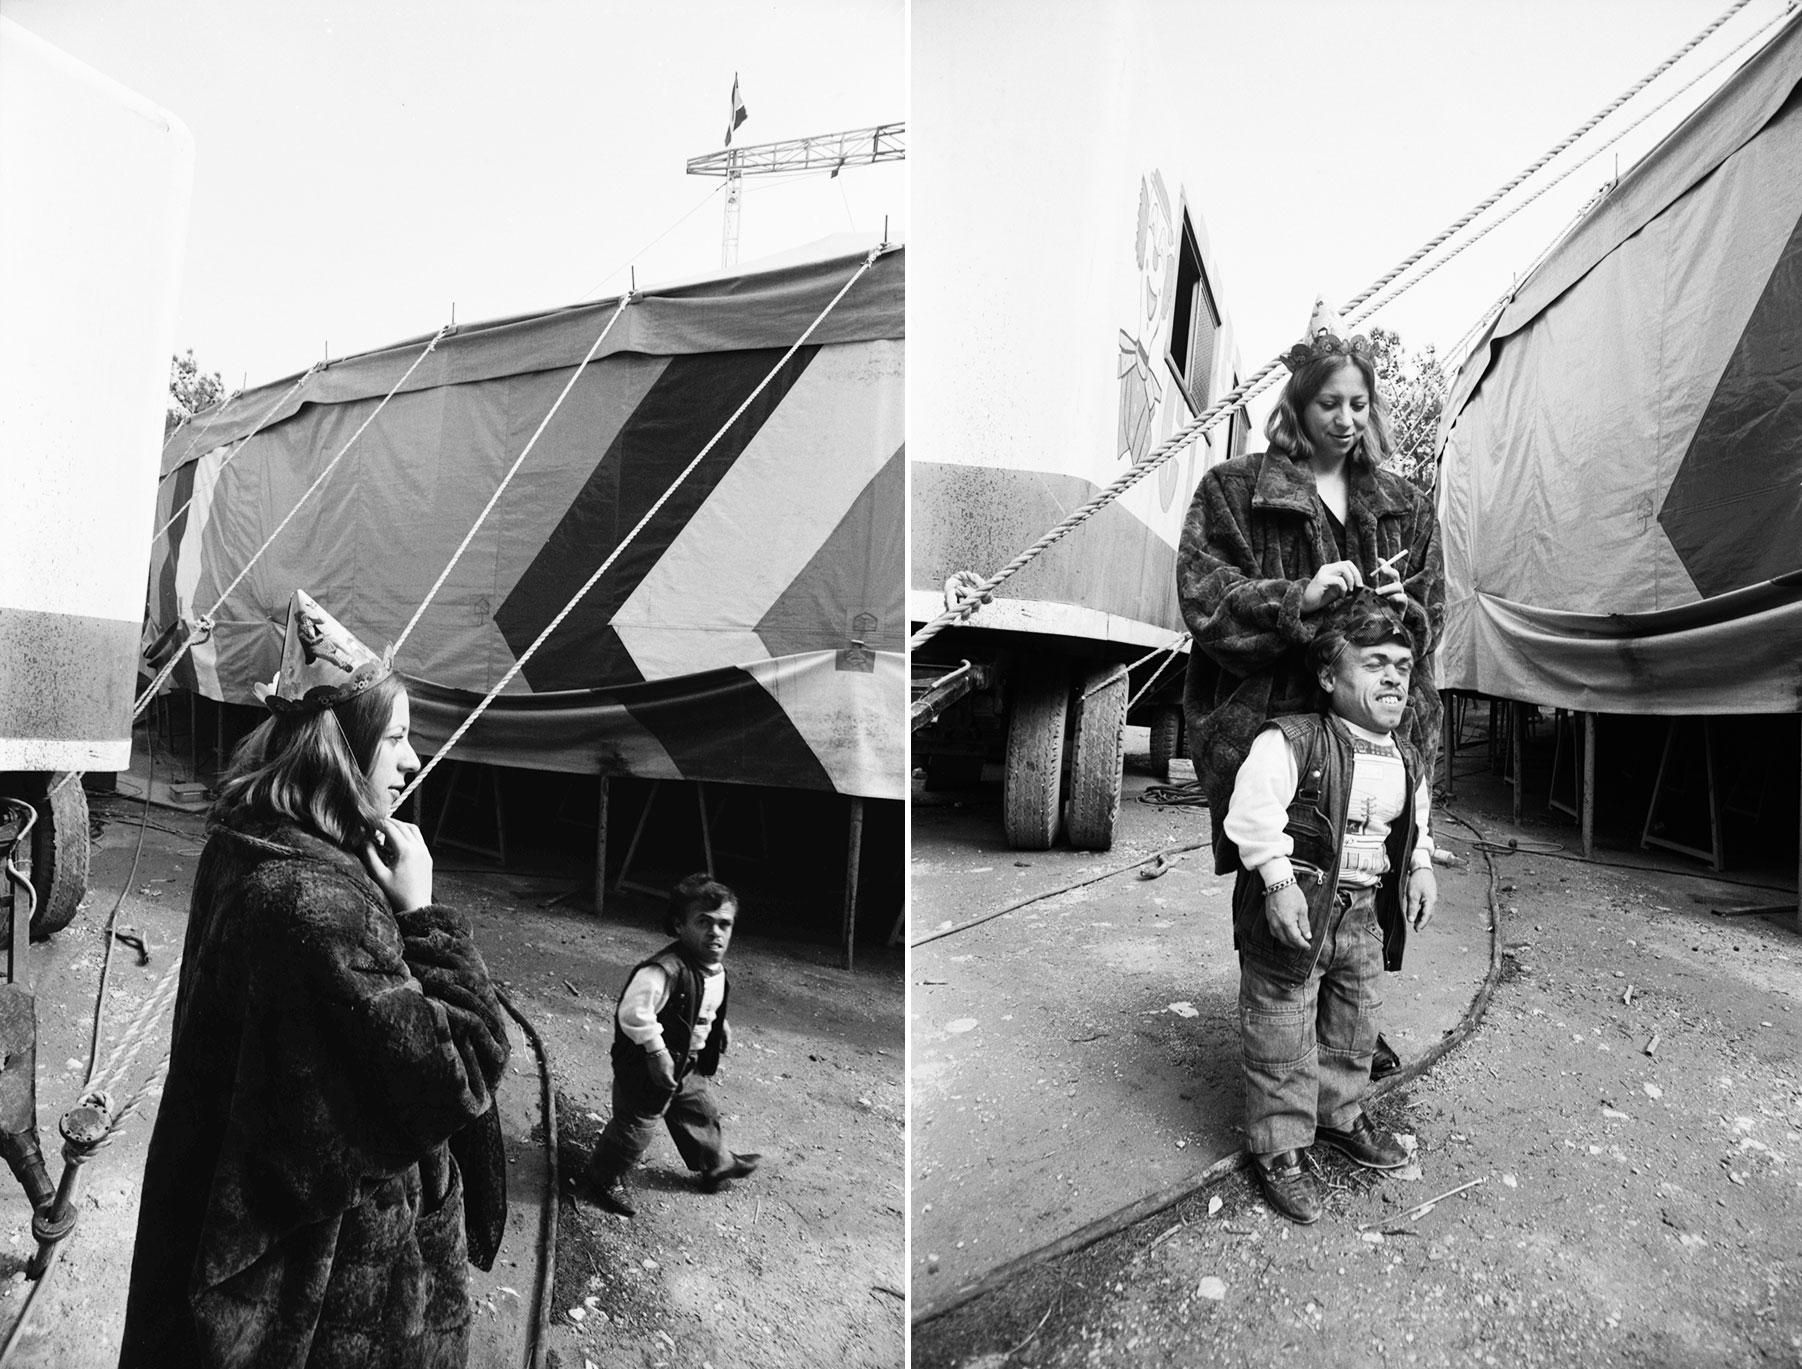 Στο τσίρκο Curatola (Harlem) στη Νέα Φιλαδέλφεια, 1986